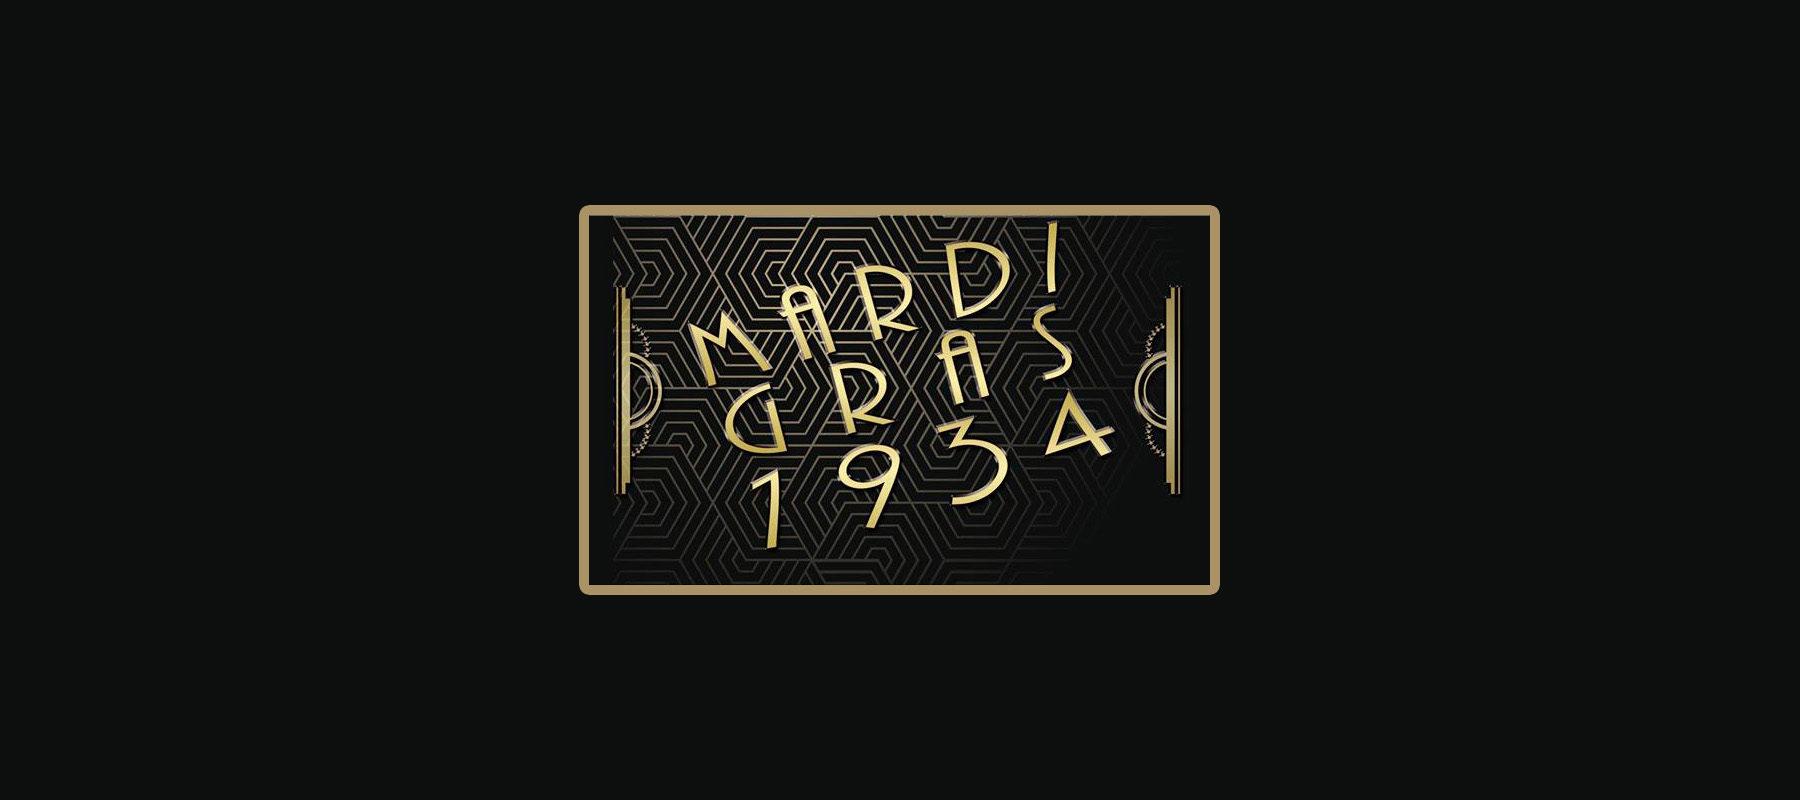 Mardi Gras 1934!